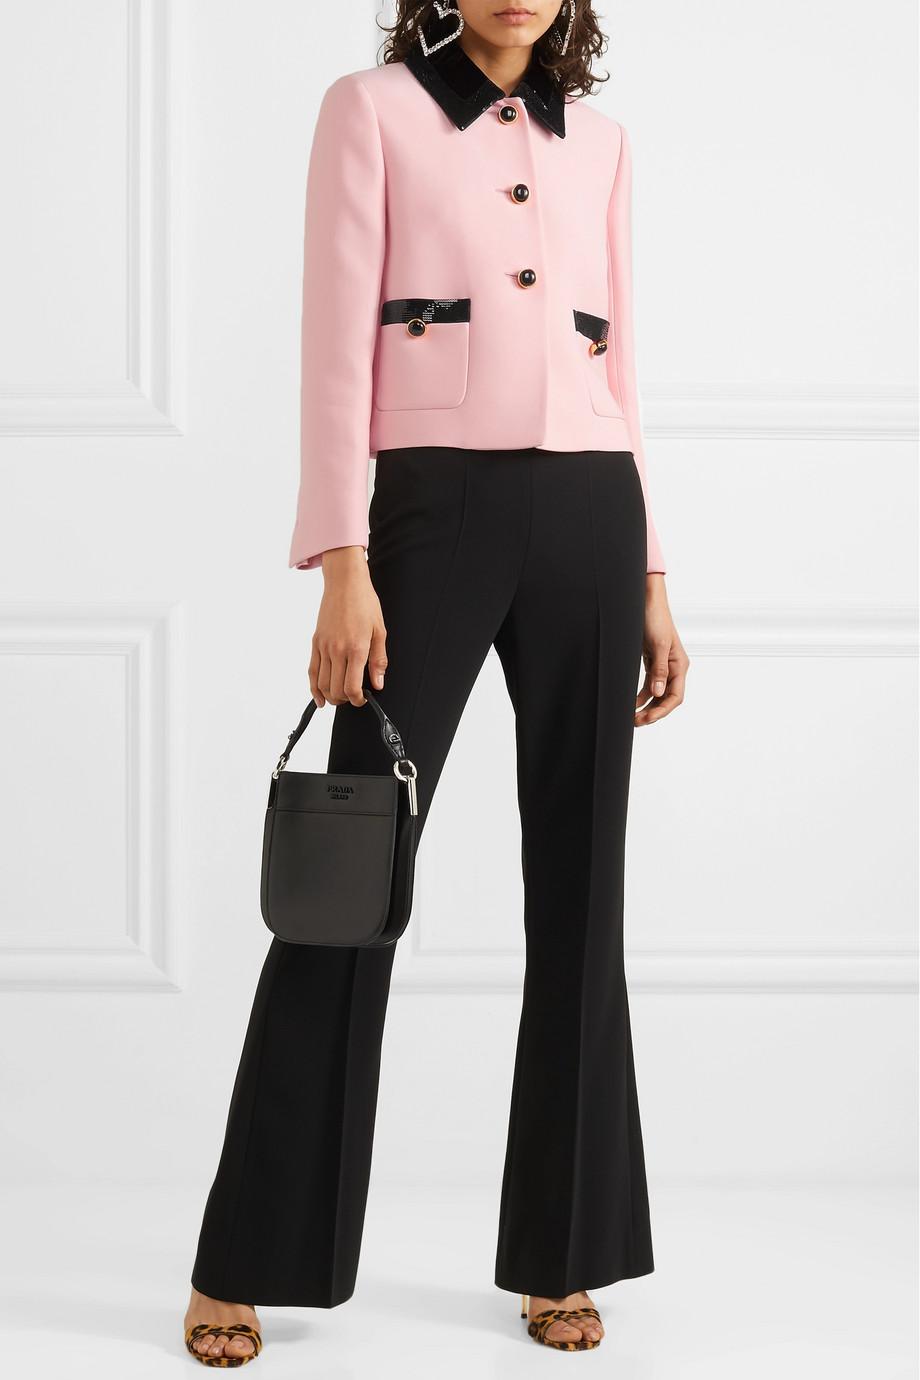 Miu Miu Sequin-embellished velvet-trimmed cady jacket